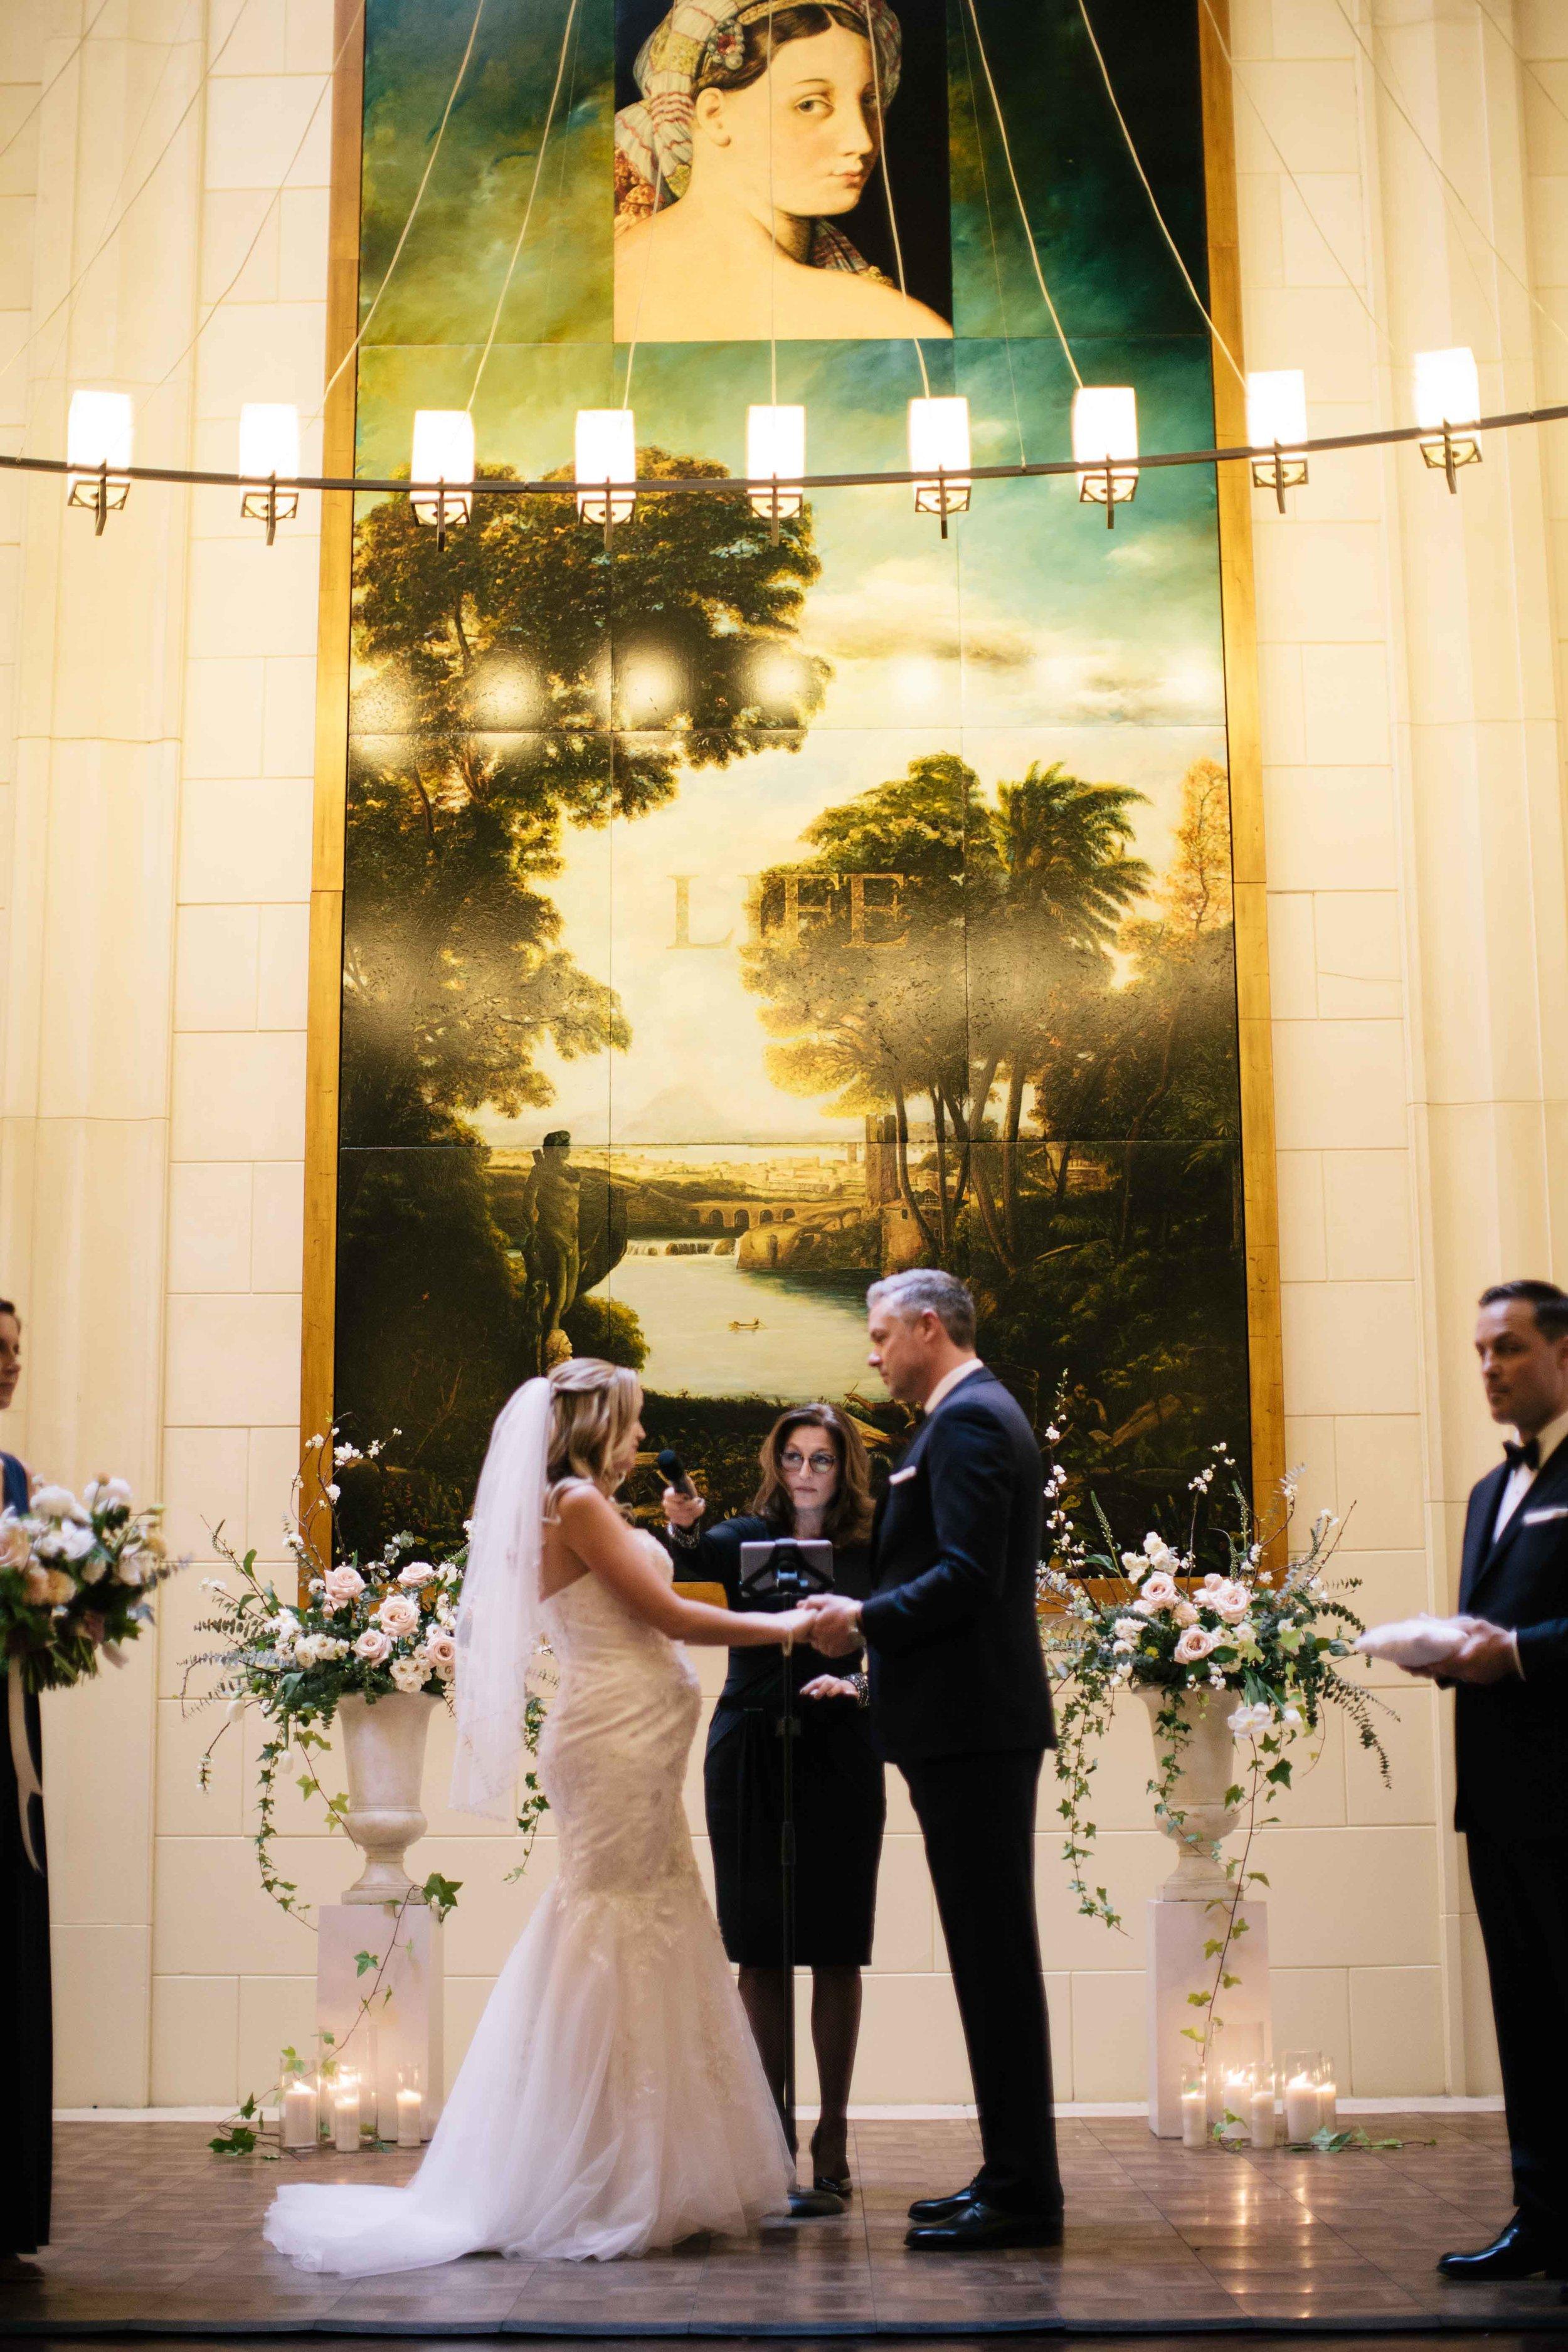 CHRIS_GEORGINA_WEDDING-50.jpg